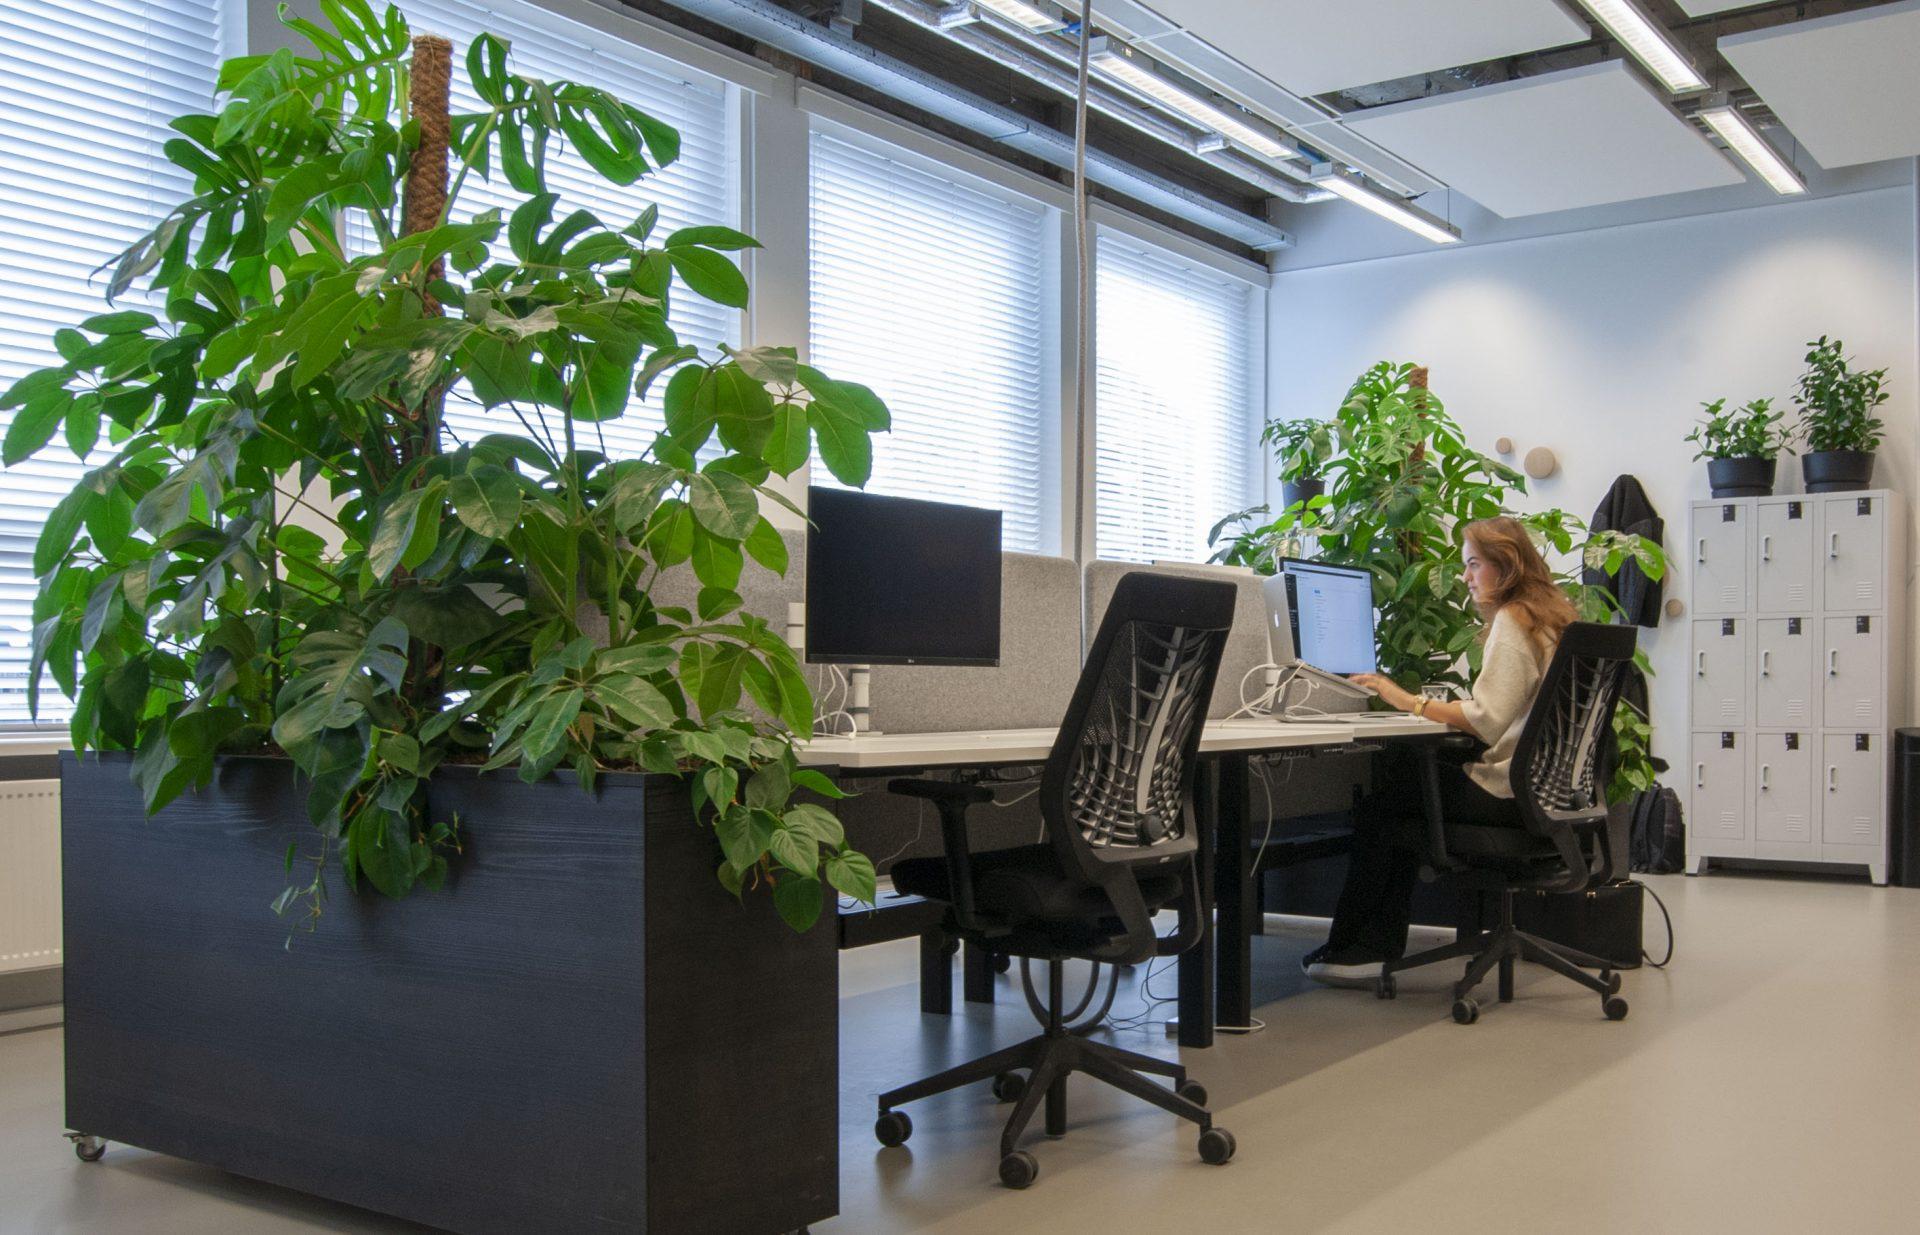 Het klimaat op het kantoor verbeteren